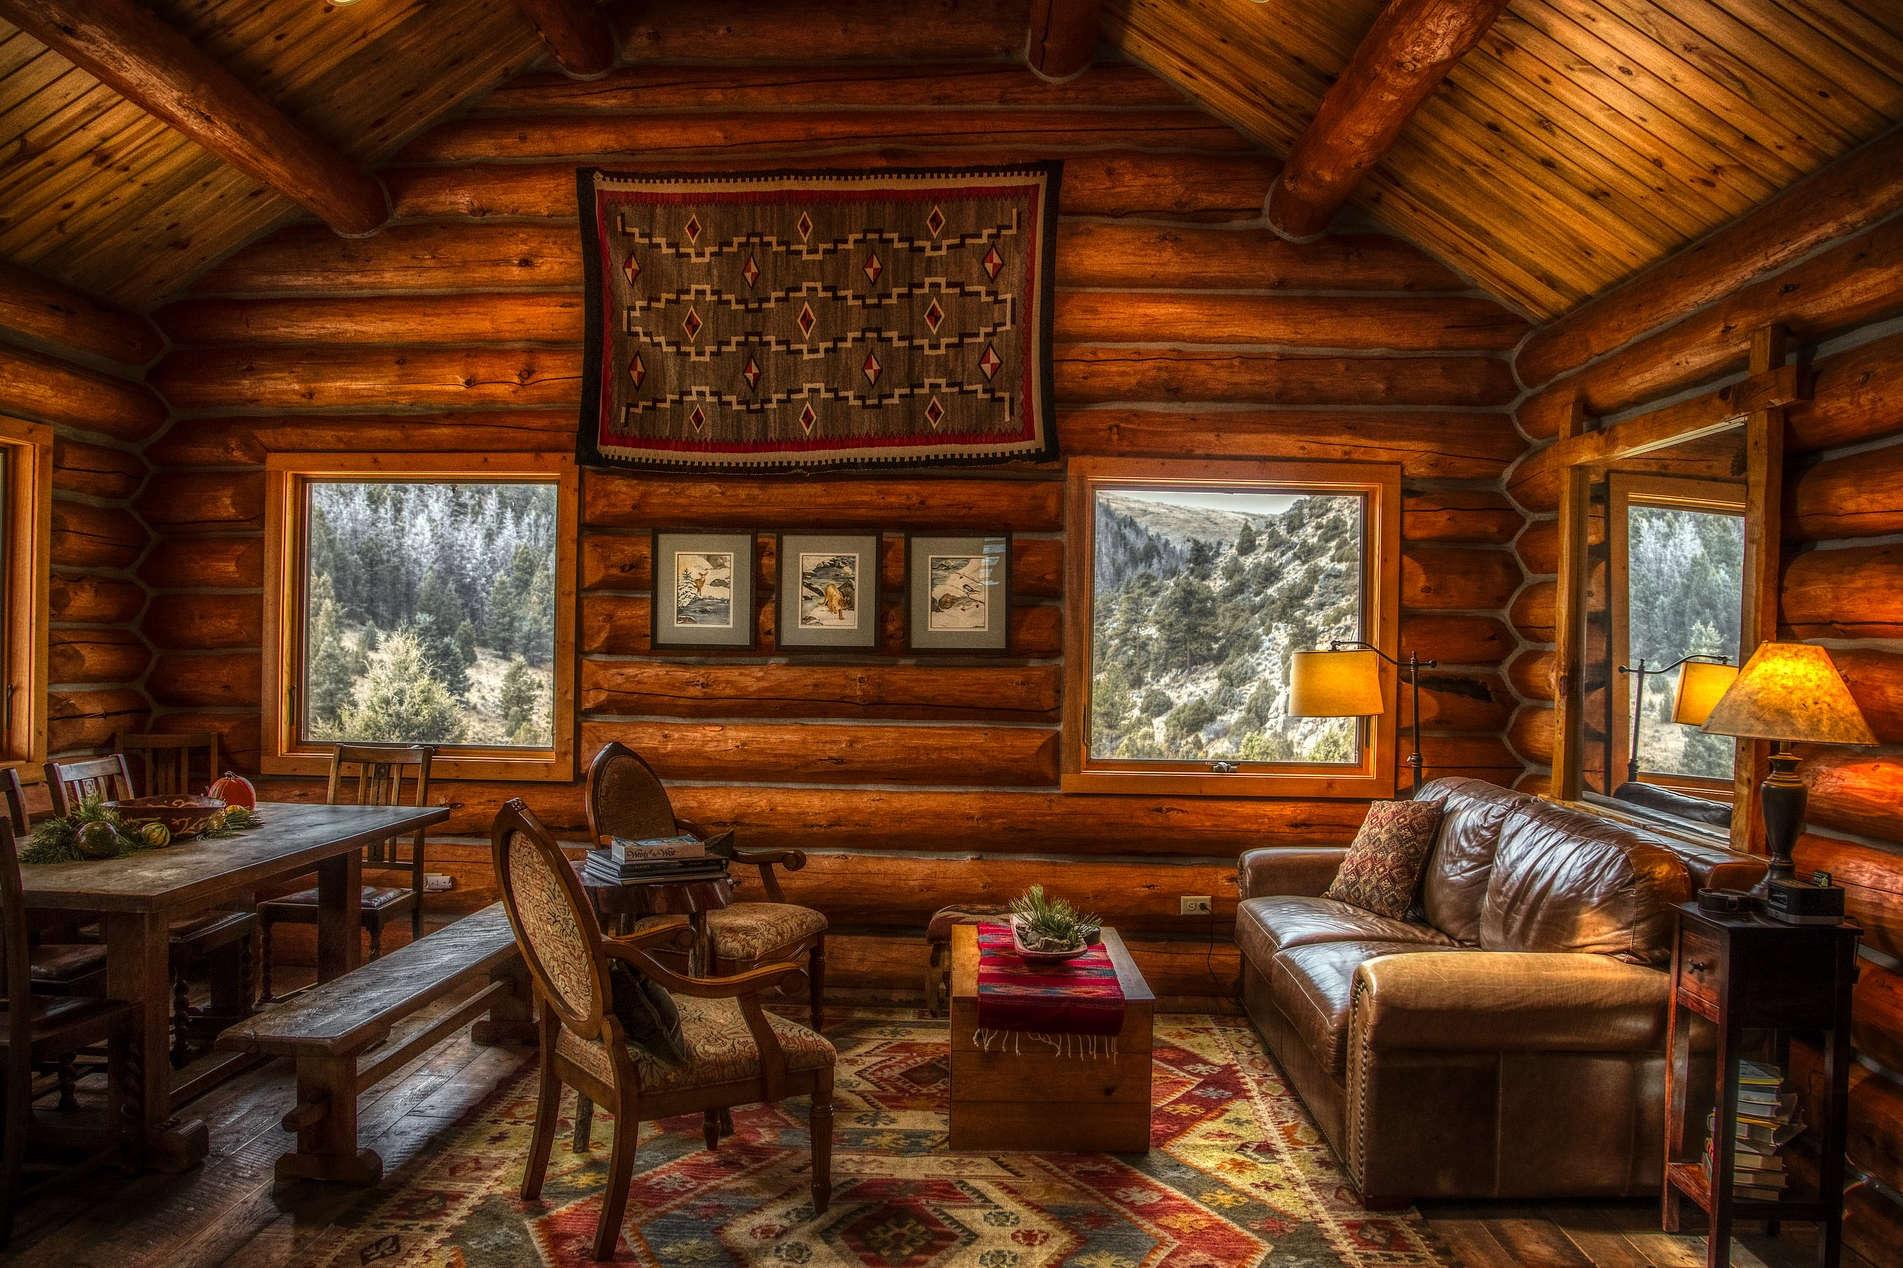 VOC als Luftbestandteil durch Holzverkleidung und Holzmöbel im Innenraum